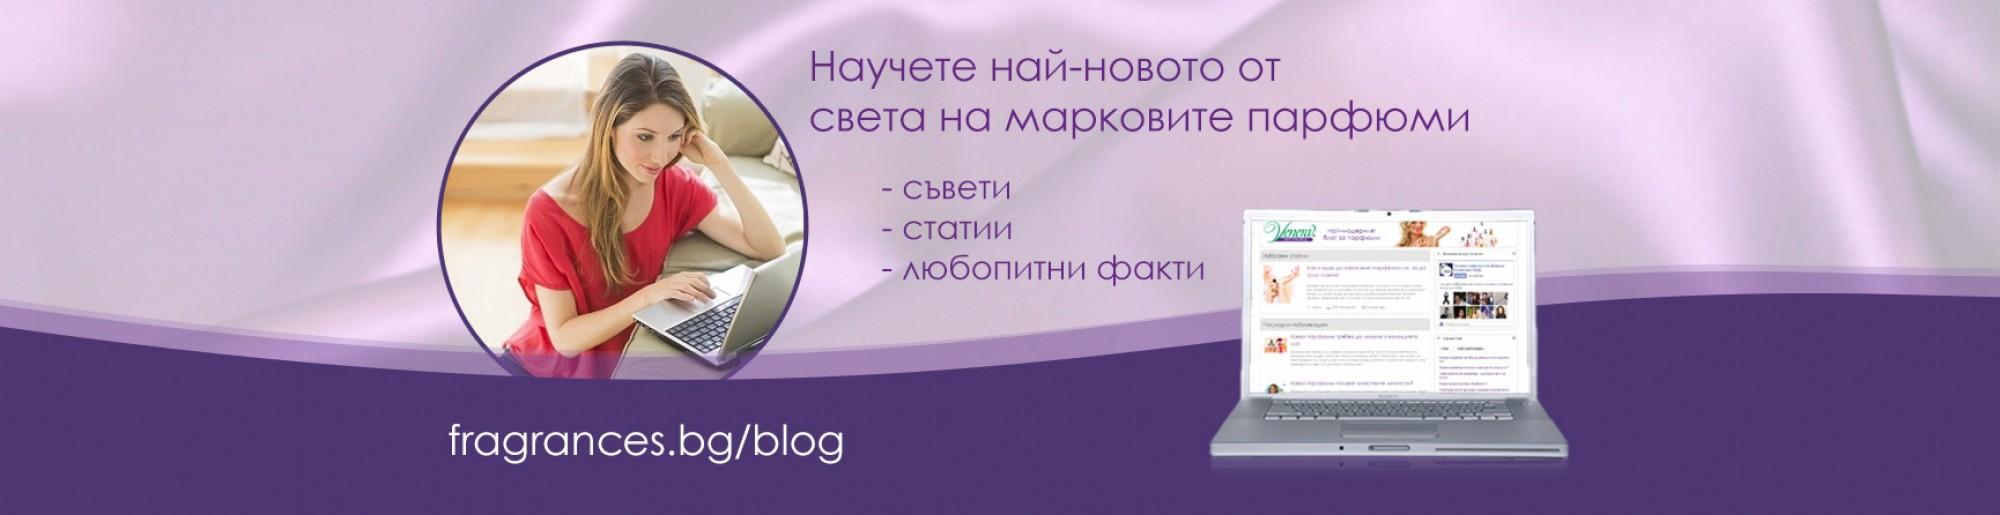 блог за парфюми